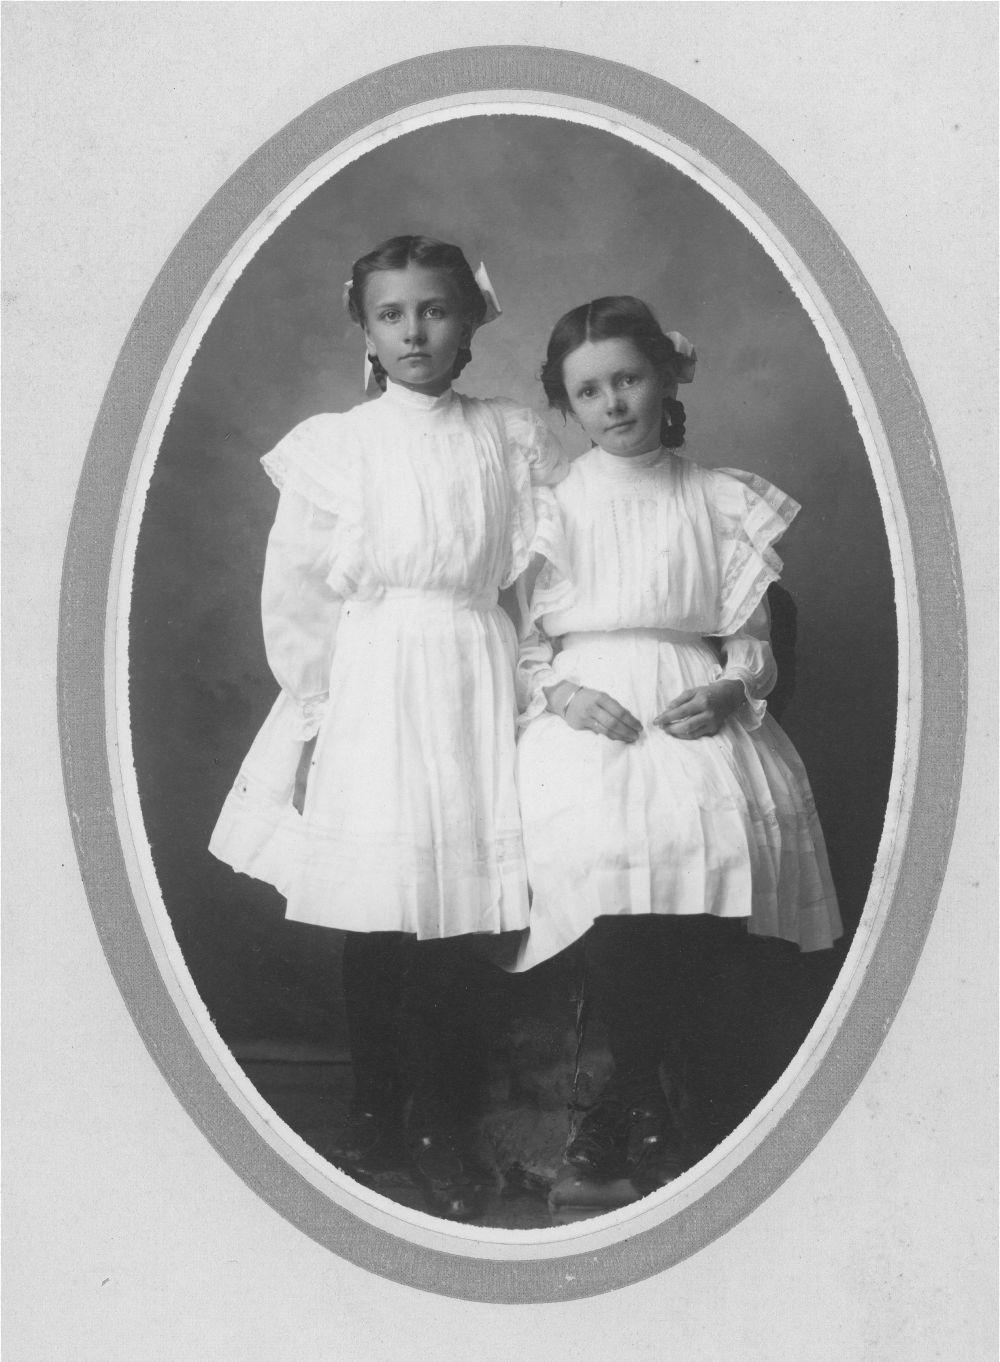 Bernice Howe and Helen Howe